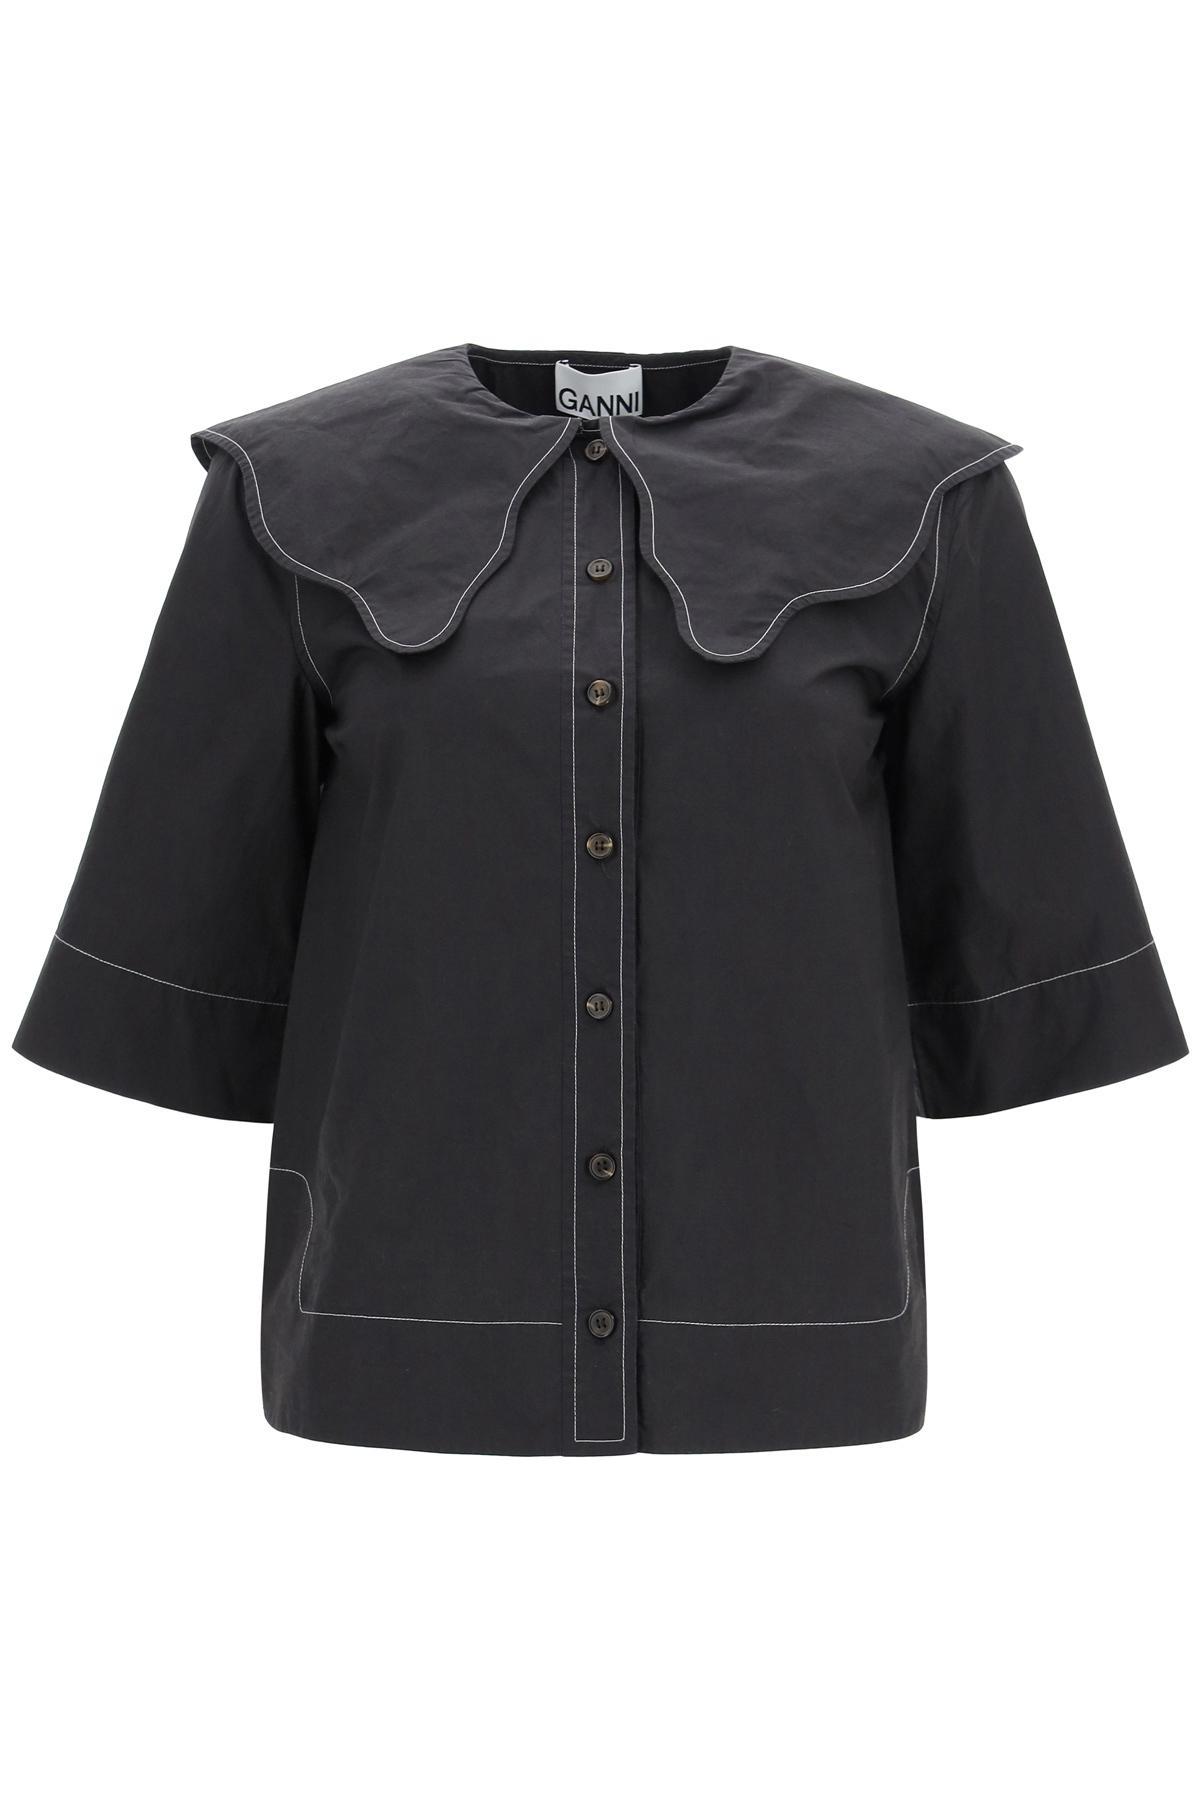 Ganni camicia manica corta con maxi colletto